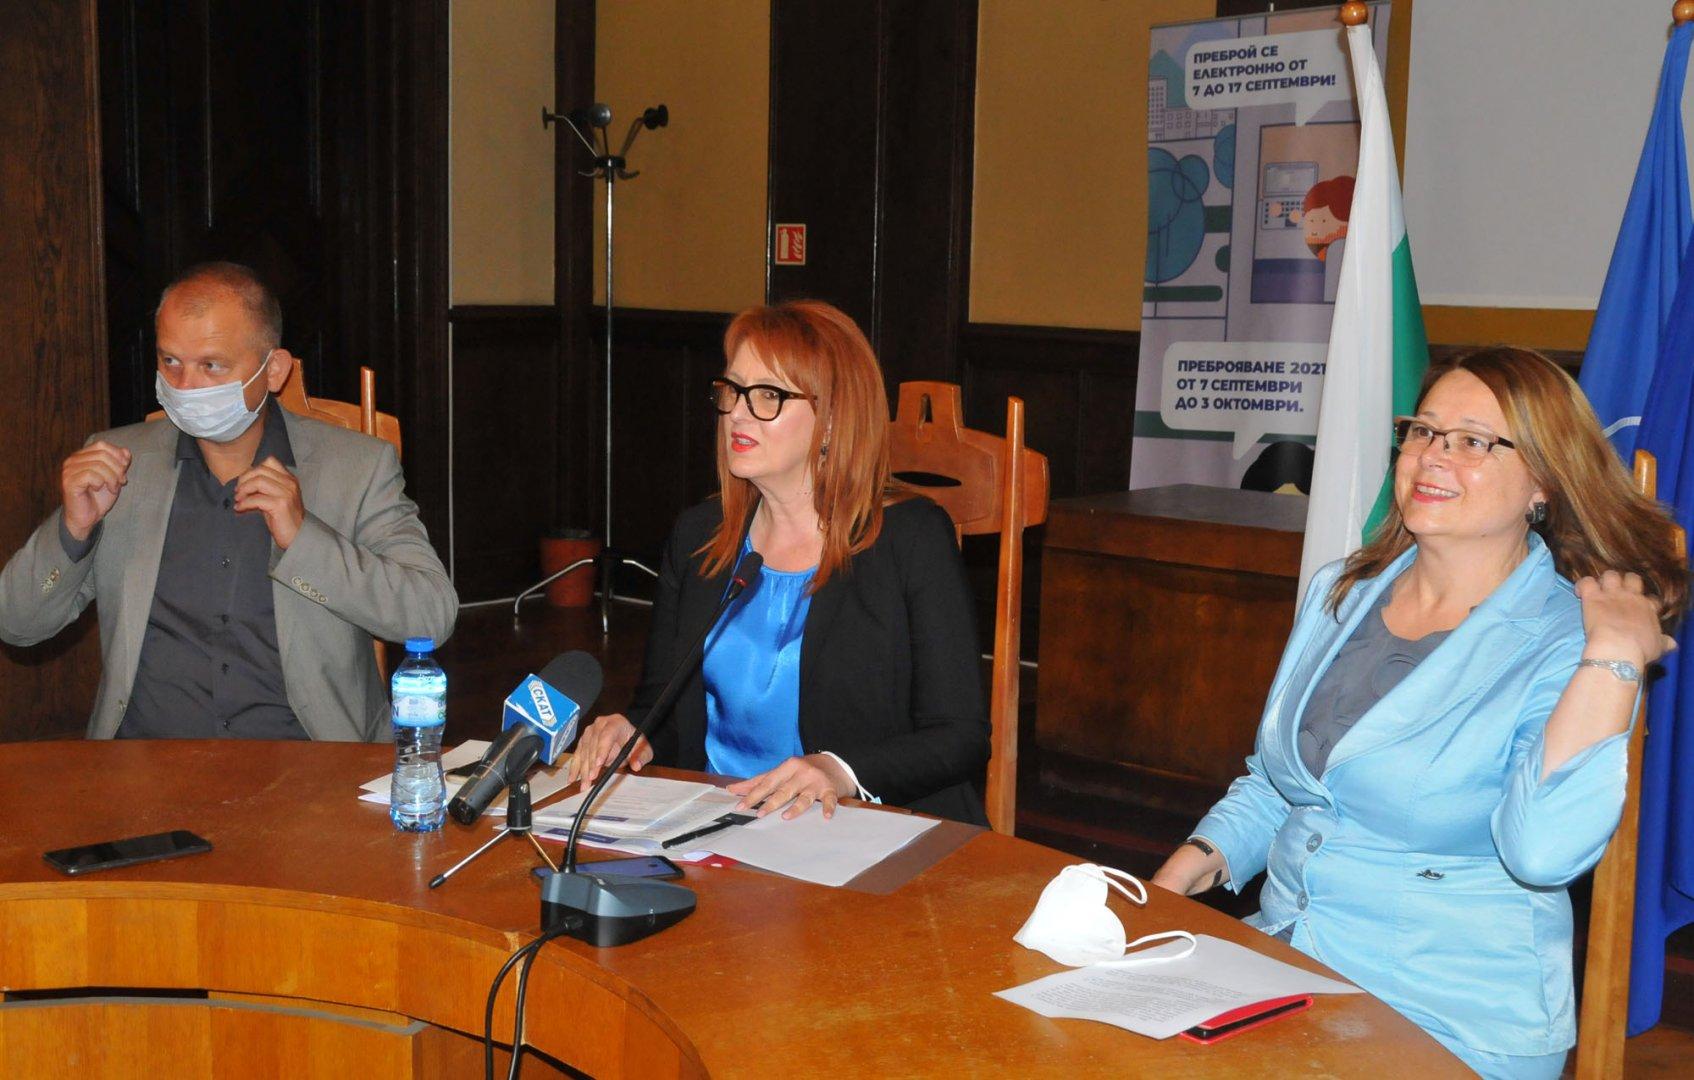 Извършителите на опита за хакерска атака са установени, заяви областният управител Мария Нейкова (в средата). Снимка Черноморие-бг